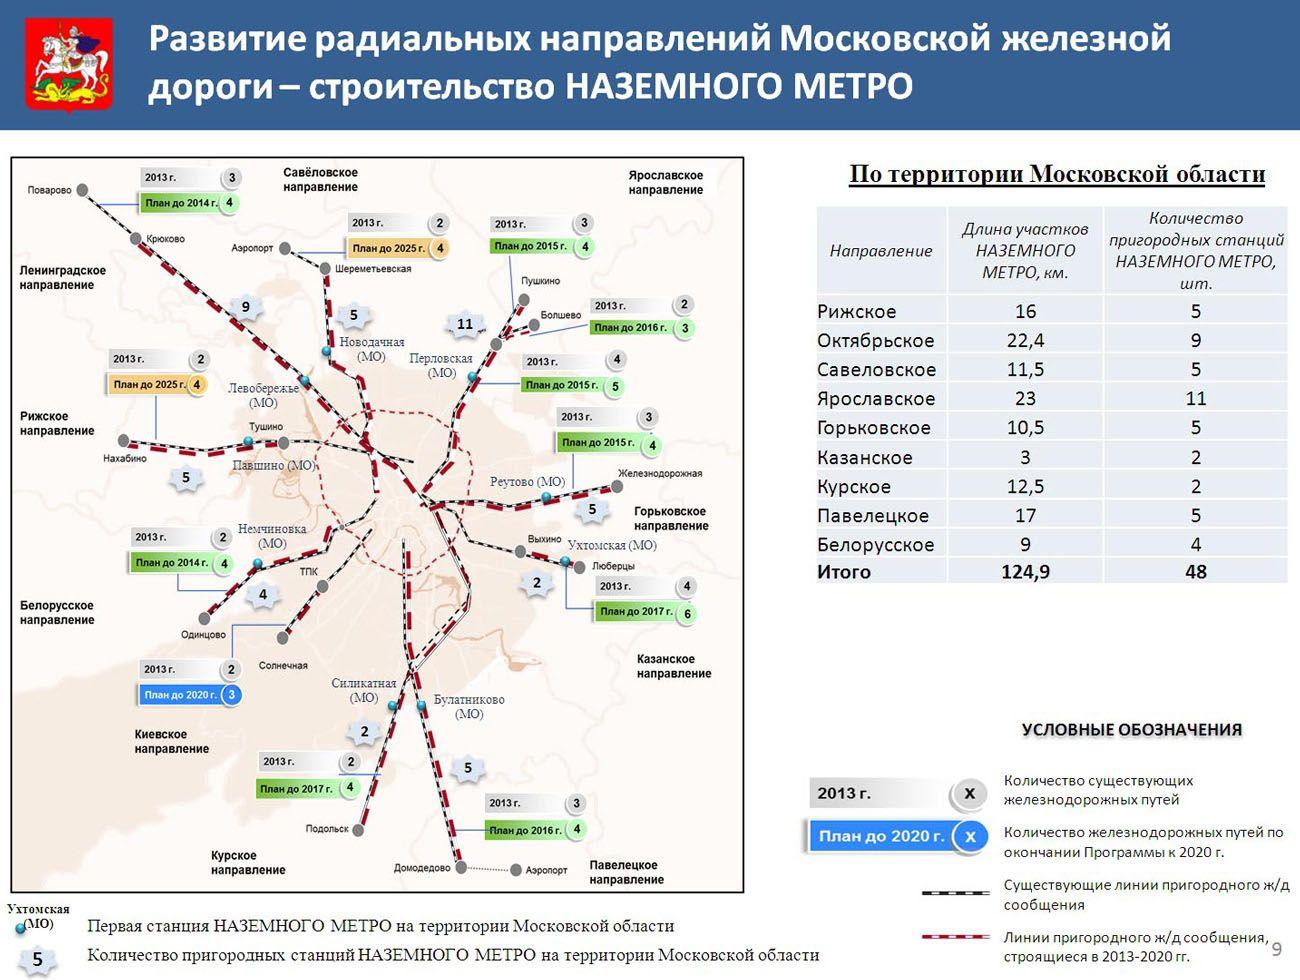 Легкое метро в Одинцово: схема